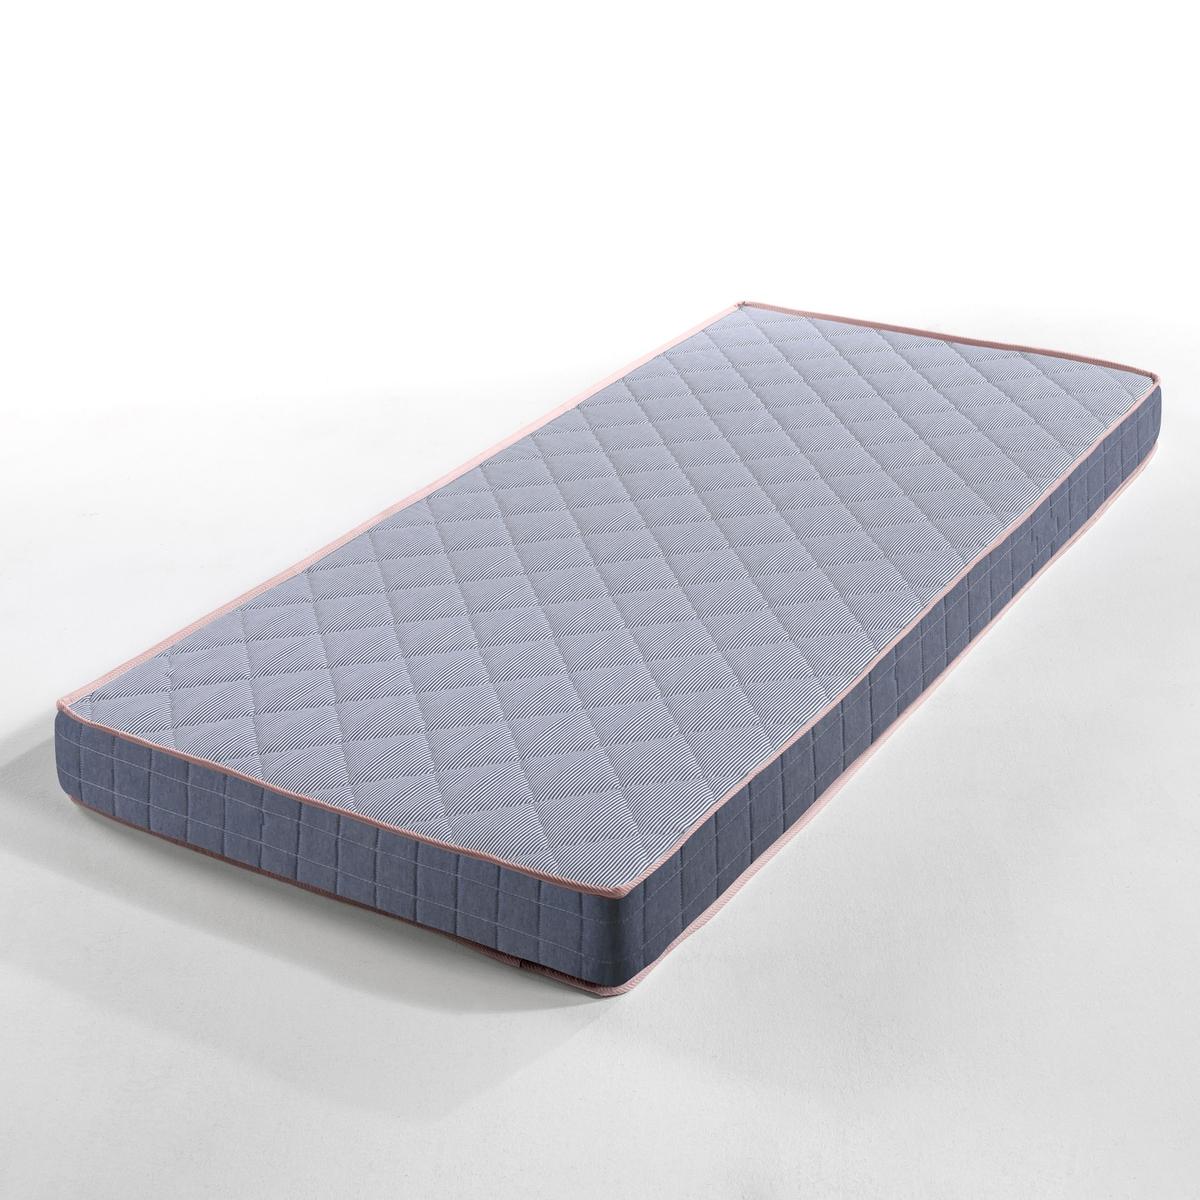 Colchón de espuma para cama nido